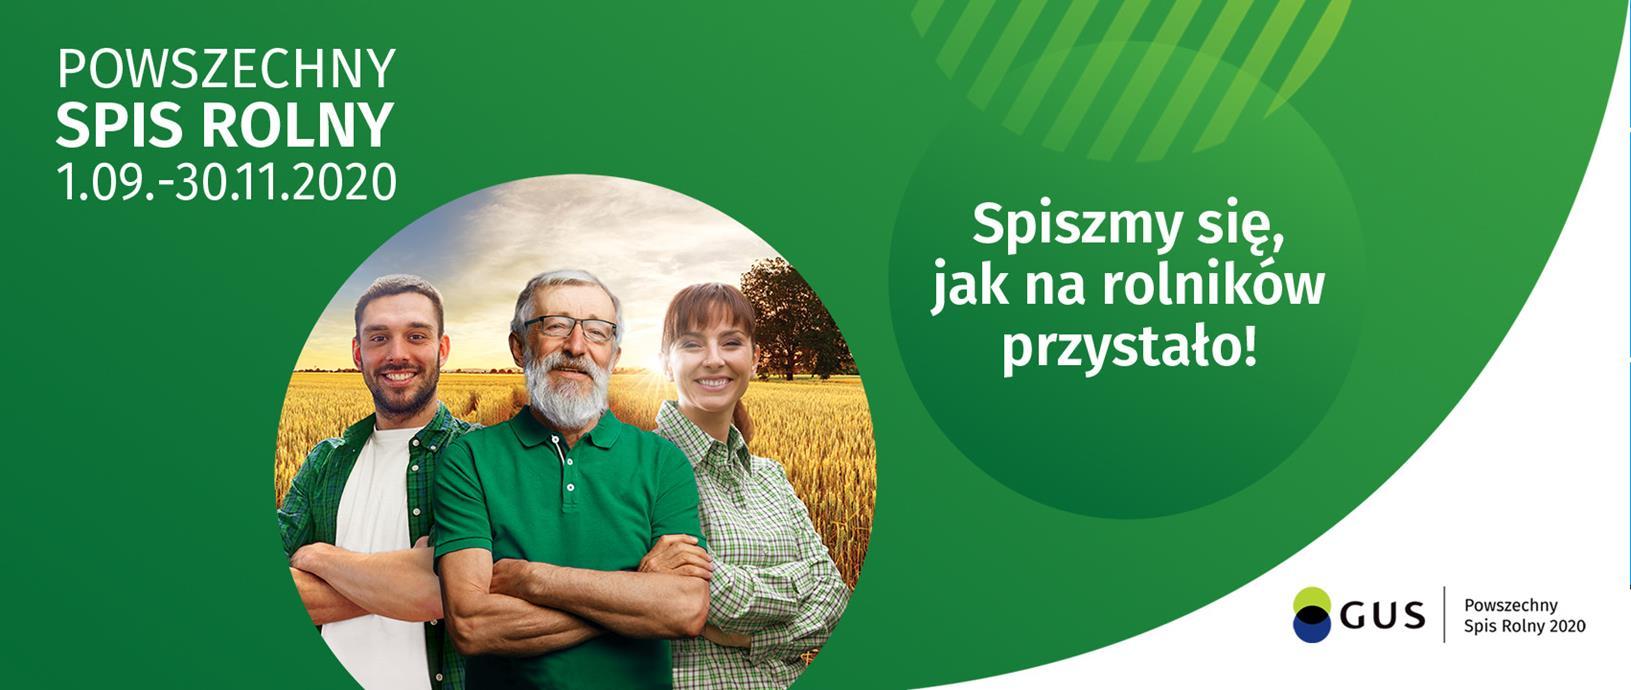 Baner: Powszechny Spis Rolny 2020 .2